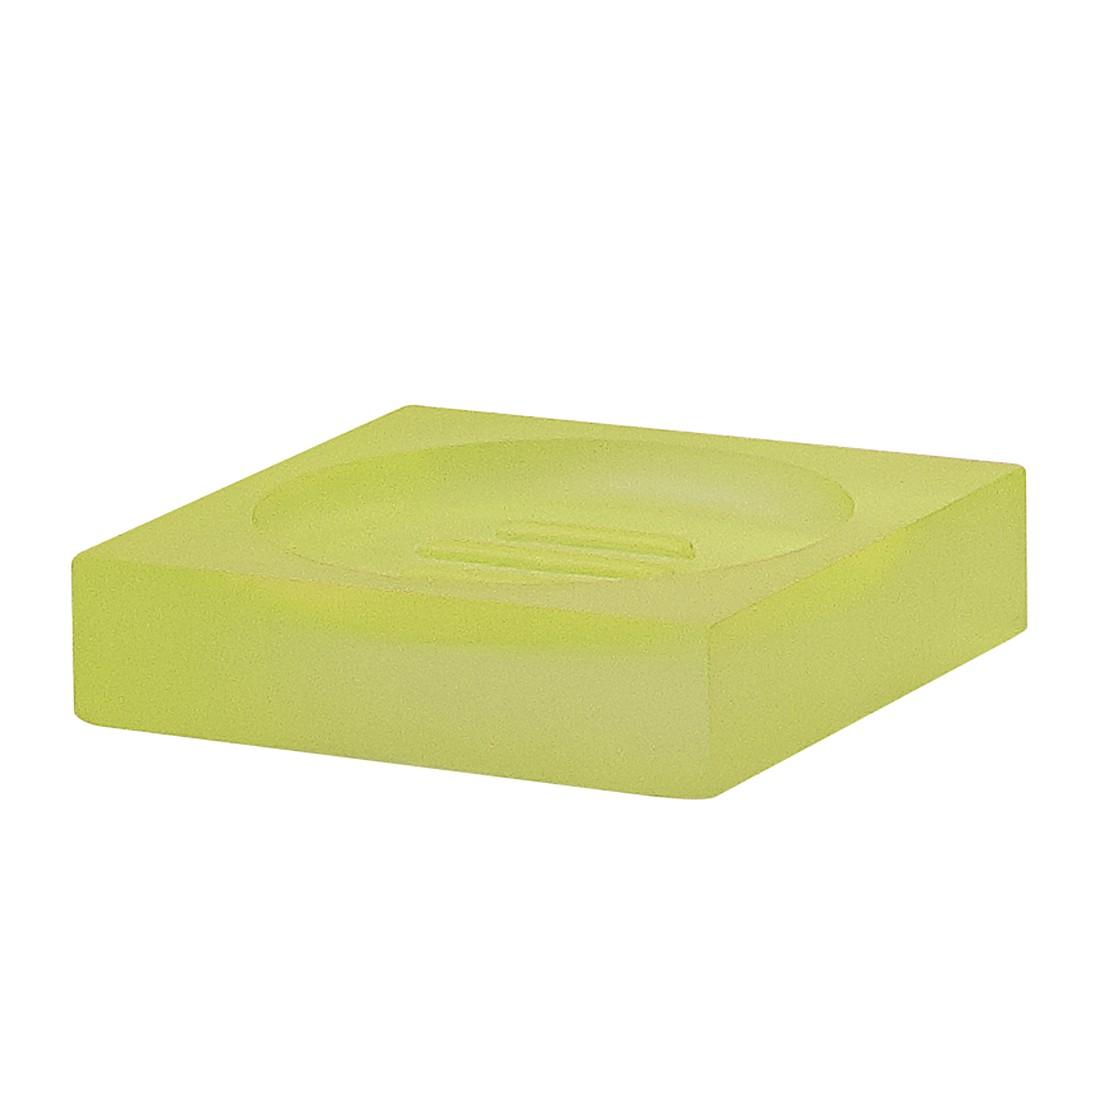 Schale Cube – Limette, Nicol-Wohnausstattungen günstig kaufen